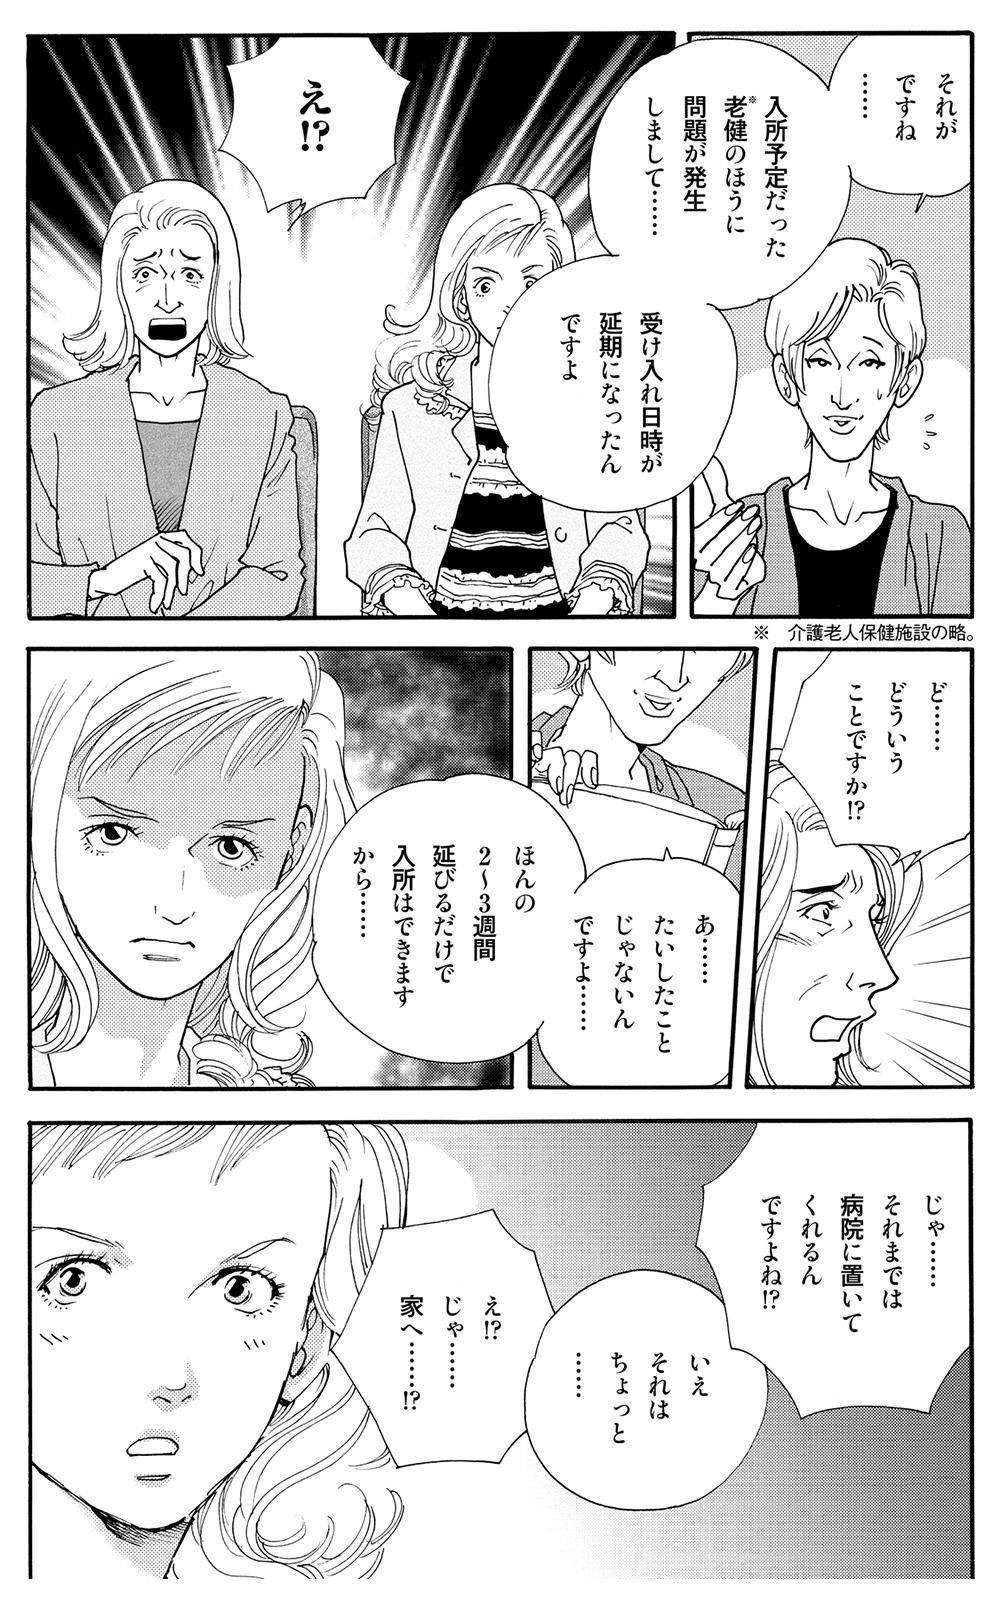 ヘルプマン!! 第4話「介護詐欺」helpman04-12.jpg